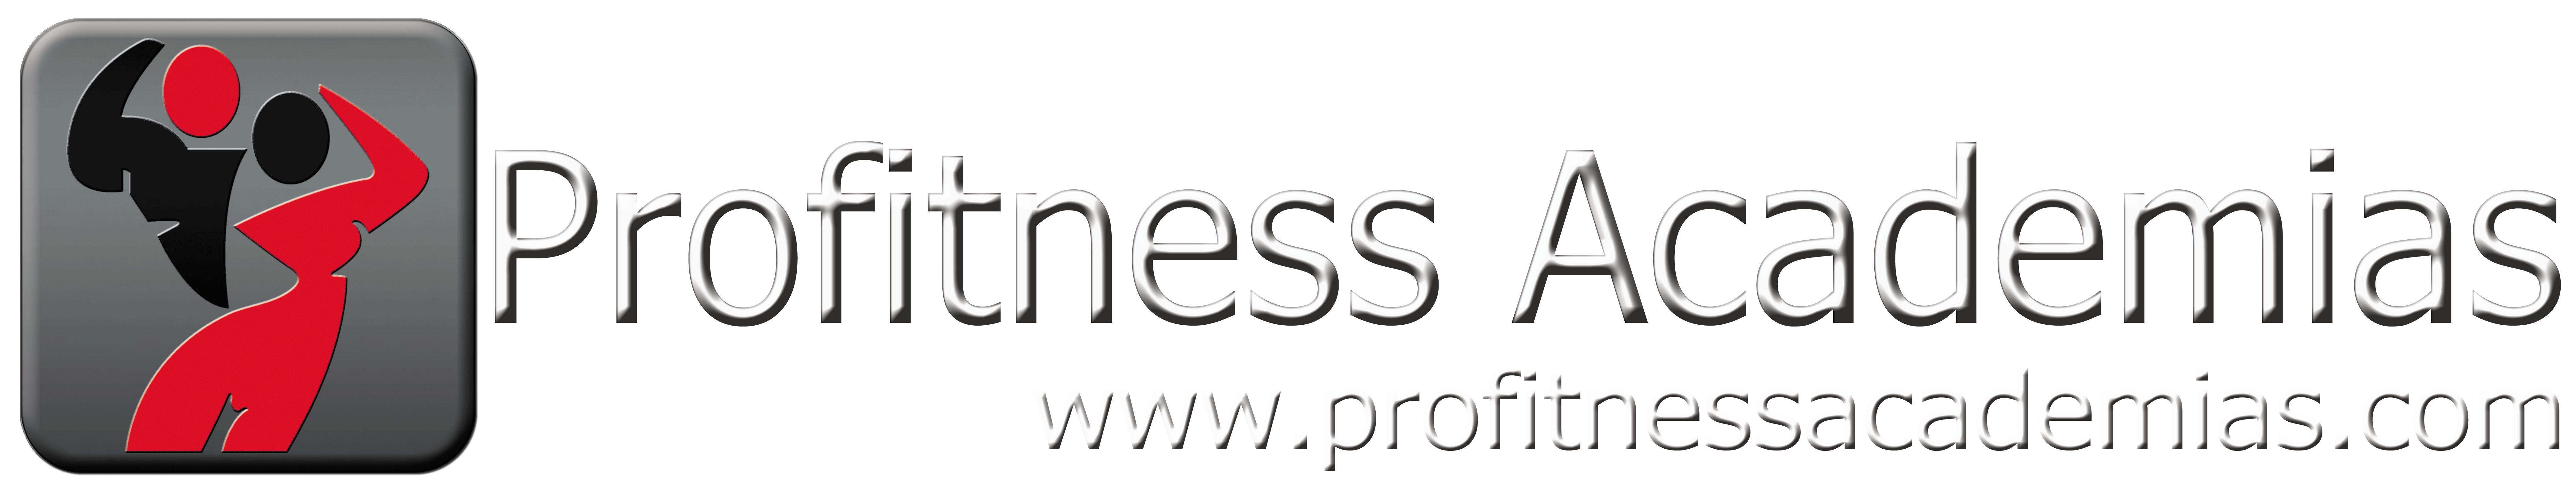 profitnessacademias.com